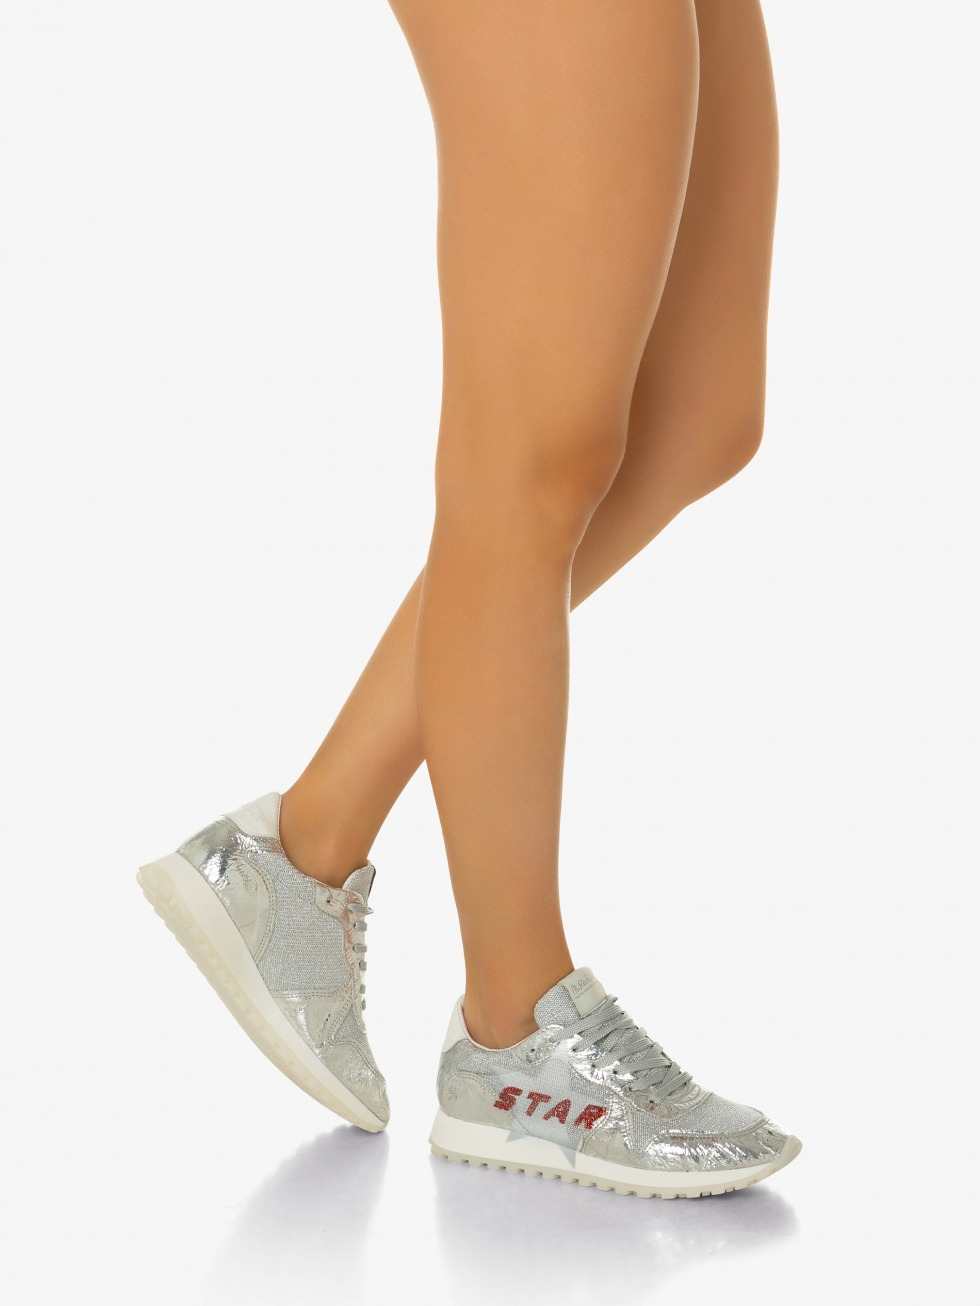 Running Bellini -  Shuttle Silver Glitter Star